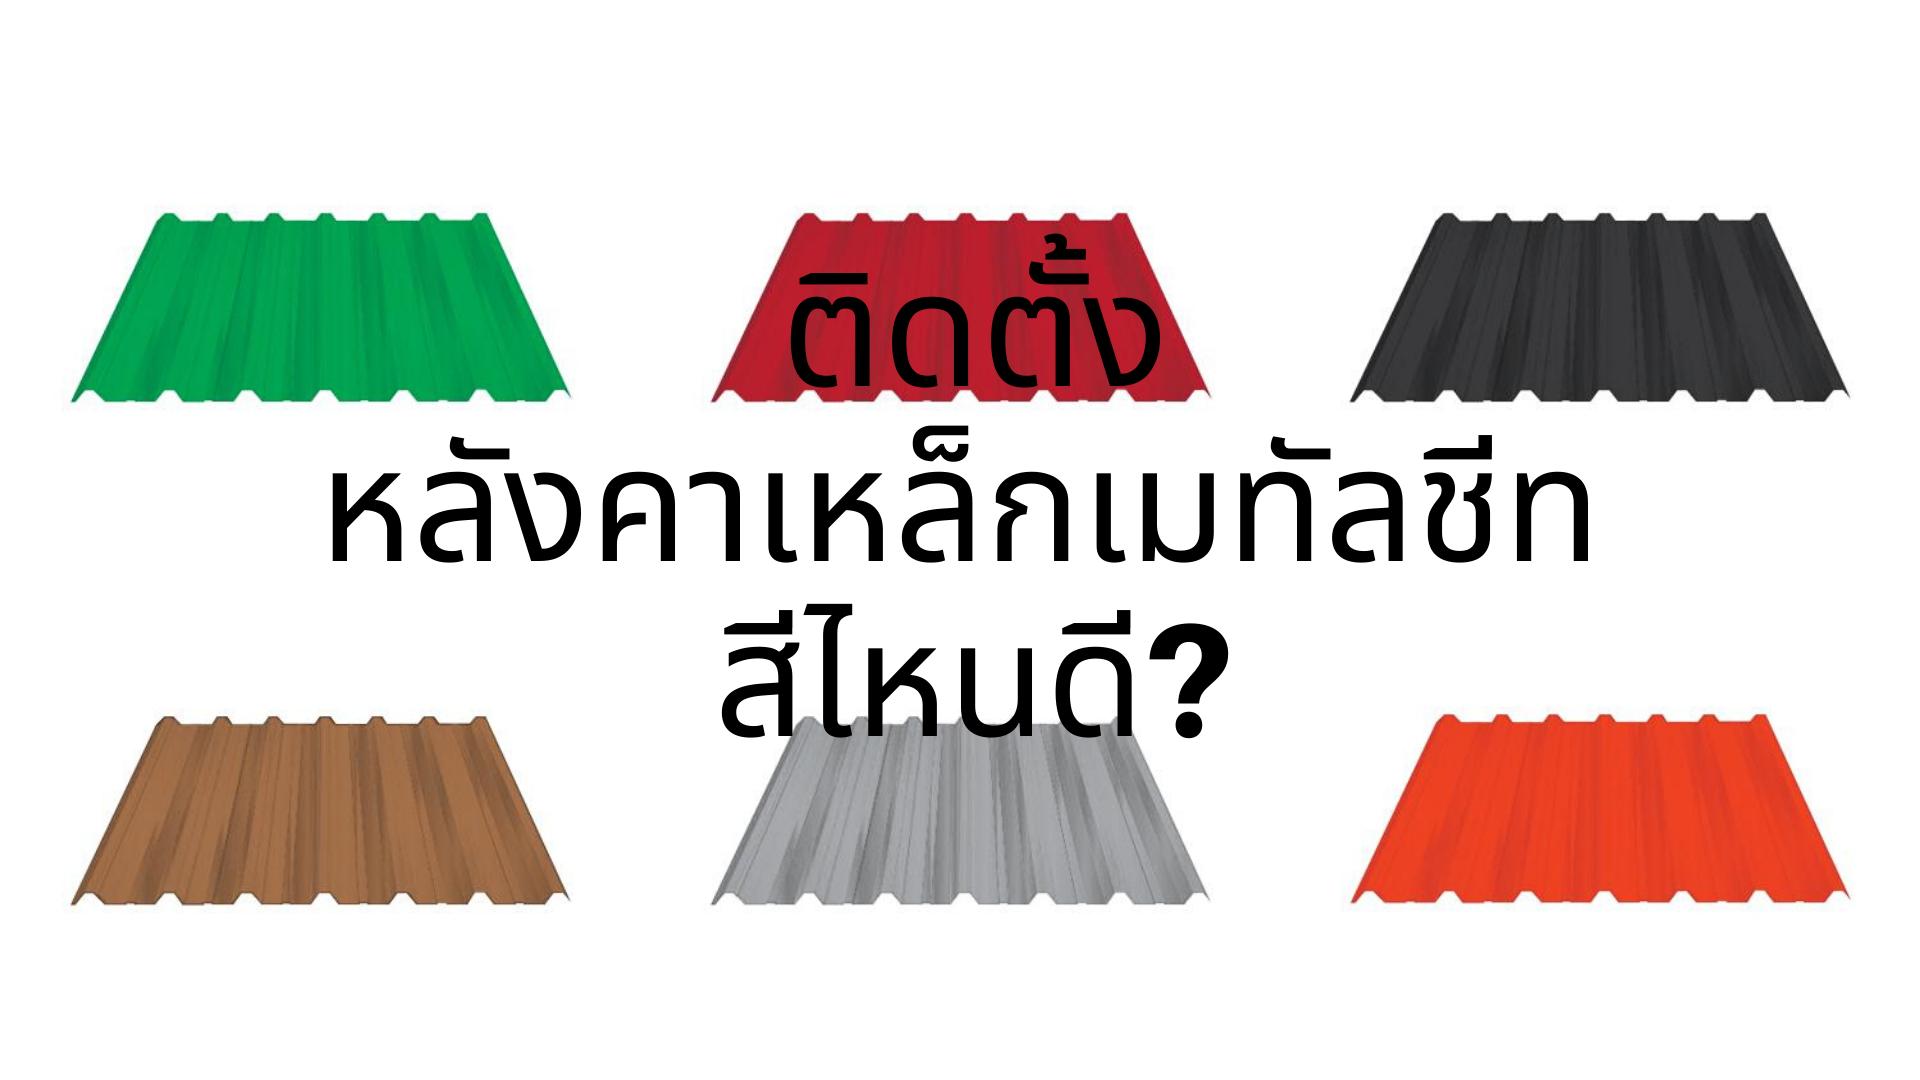 เพราะนอกจากสีของหลังคาจะทำให้บ้านดูดีขึ้นมาได้แล้วนั้น สีของหลังคายังสามารถช่วยป้องกันความร้อนได้ดีในระดับนึง